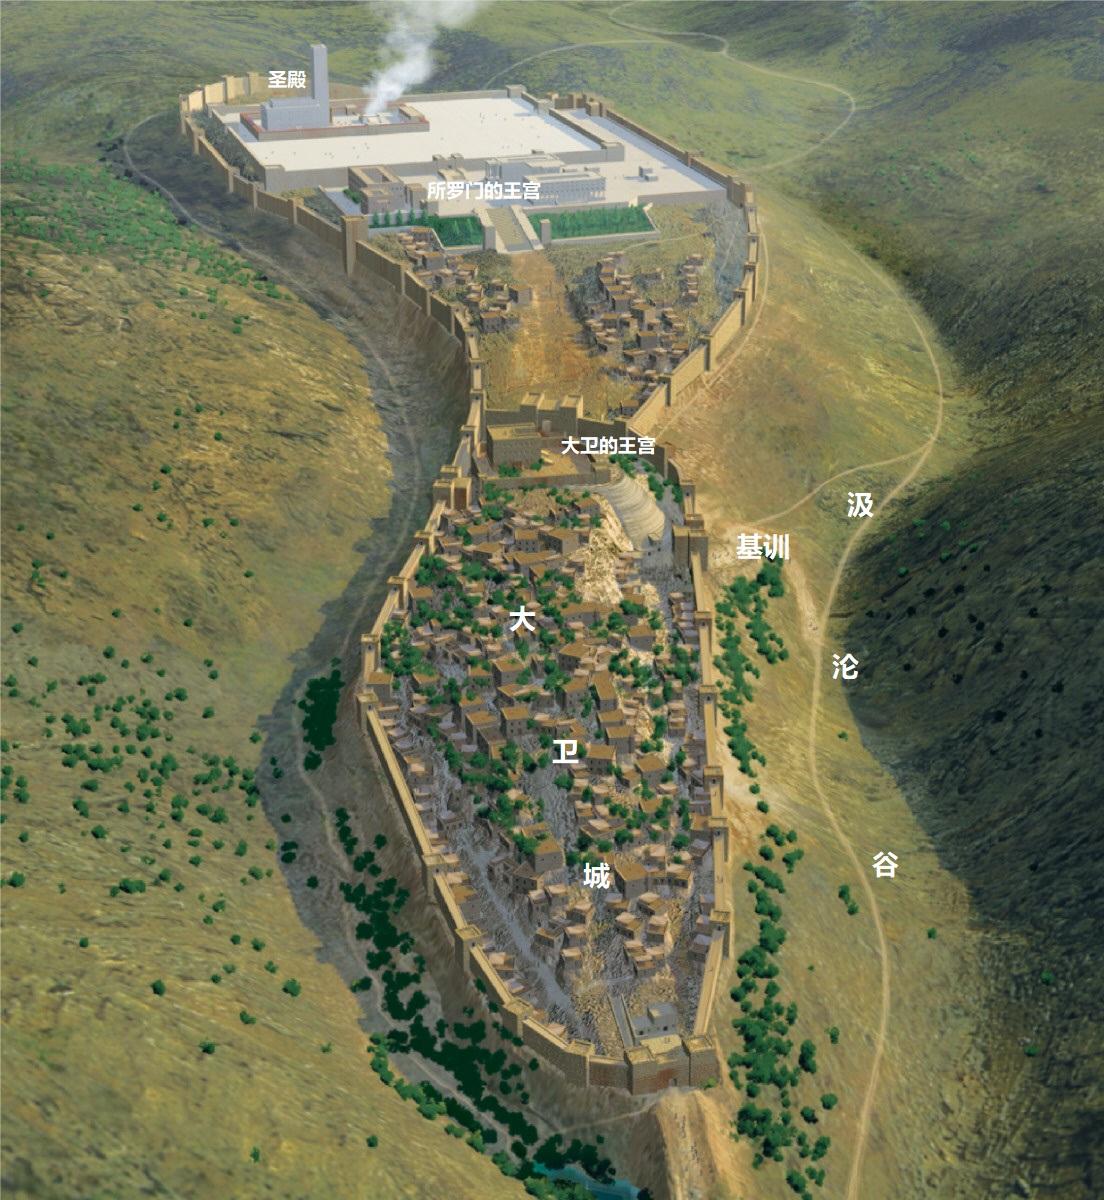 上图:所罗门时代的耶路撒冷城和圣殿。